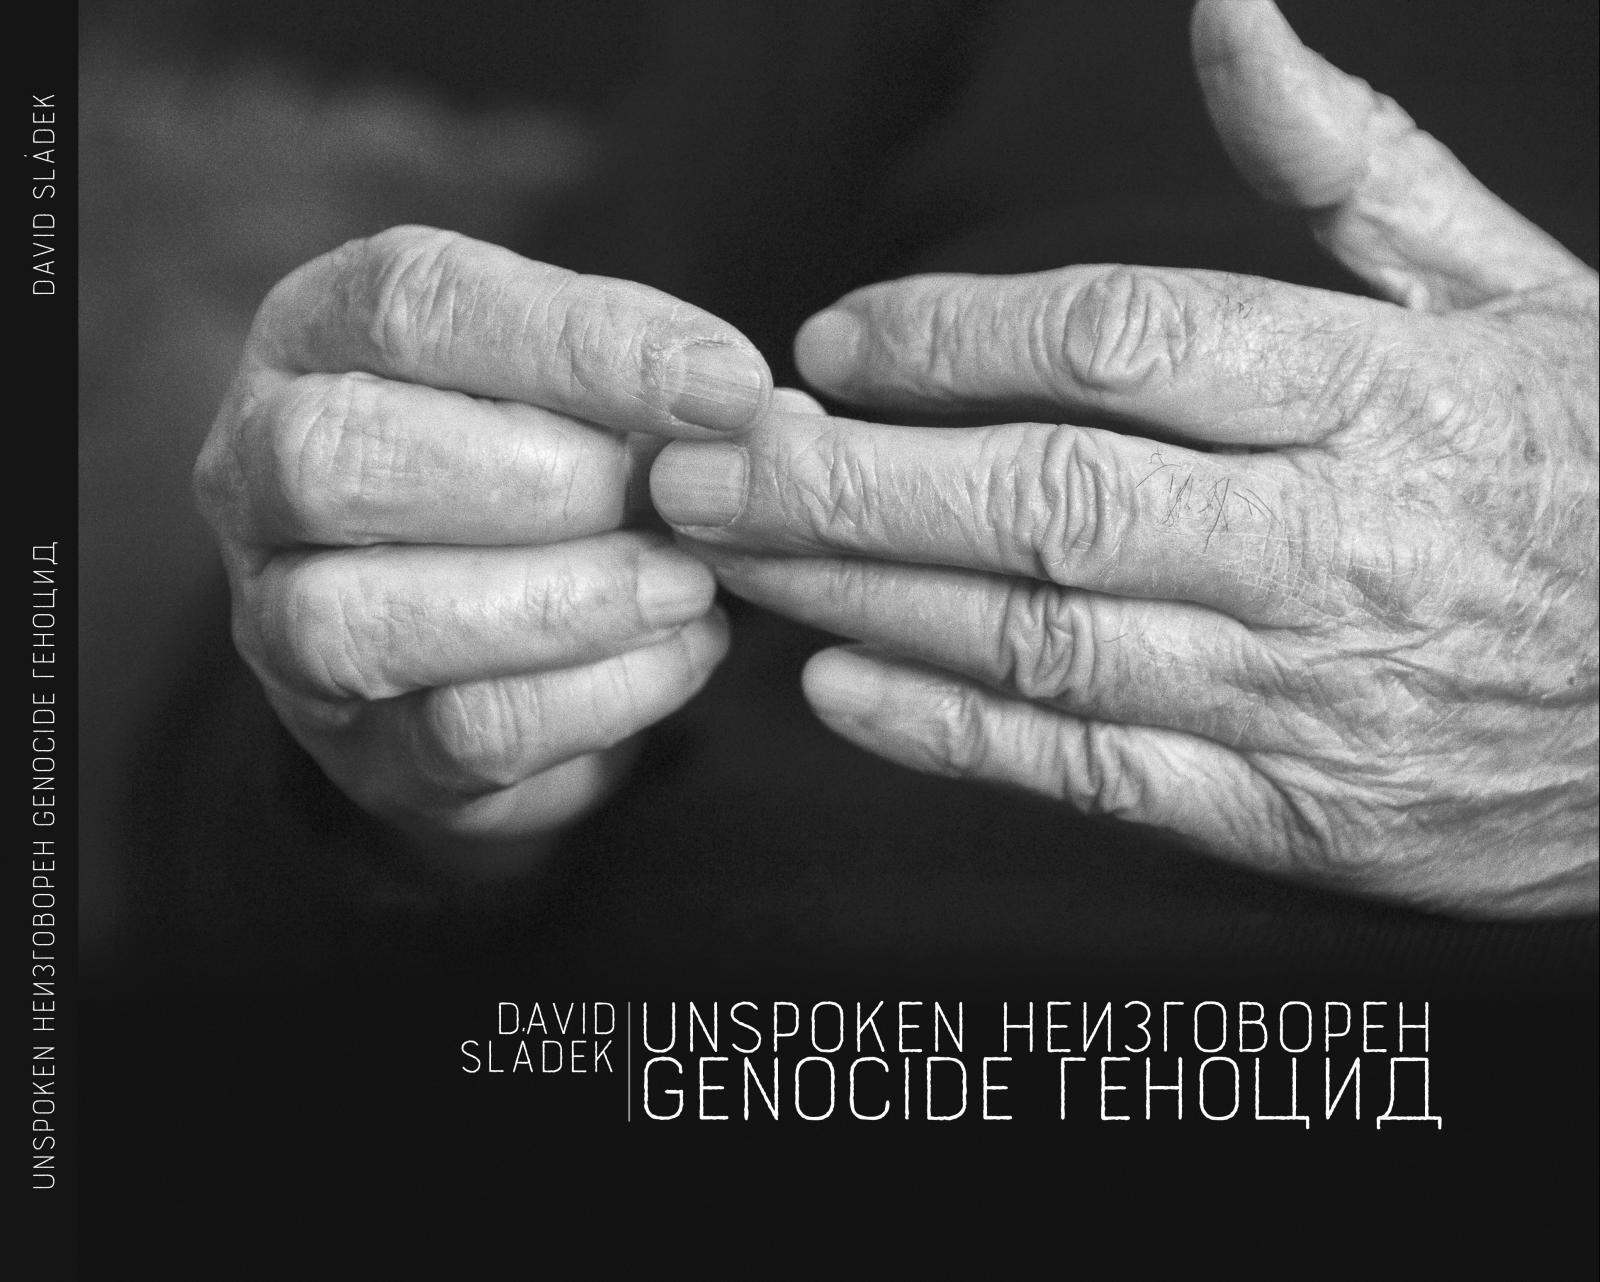 Photography image - Loading Unspoken_Genocide-obalka_predek.jpg